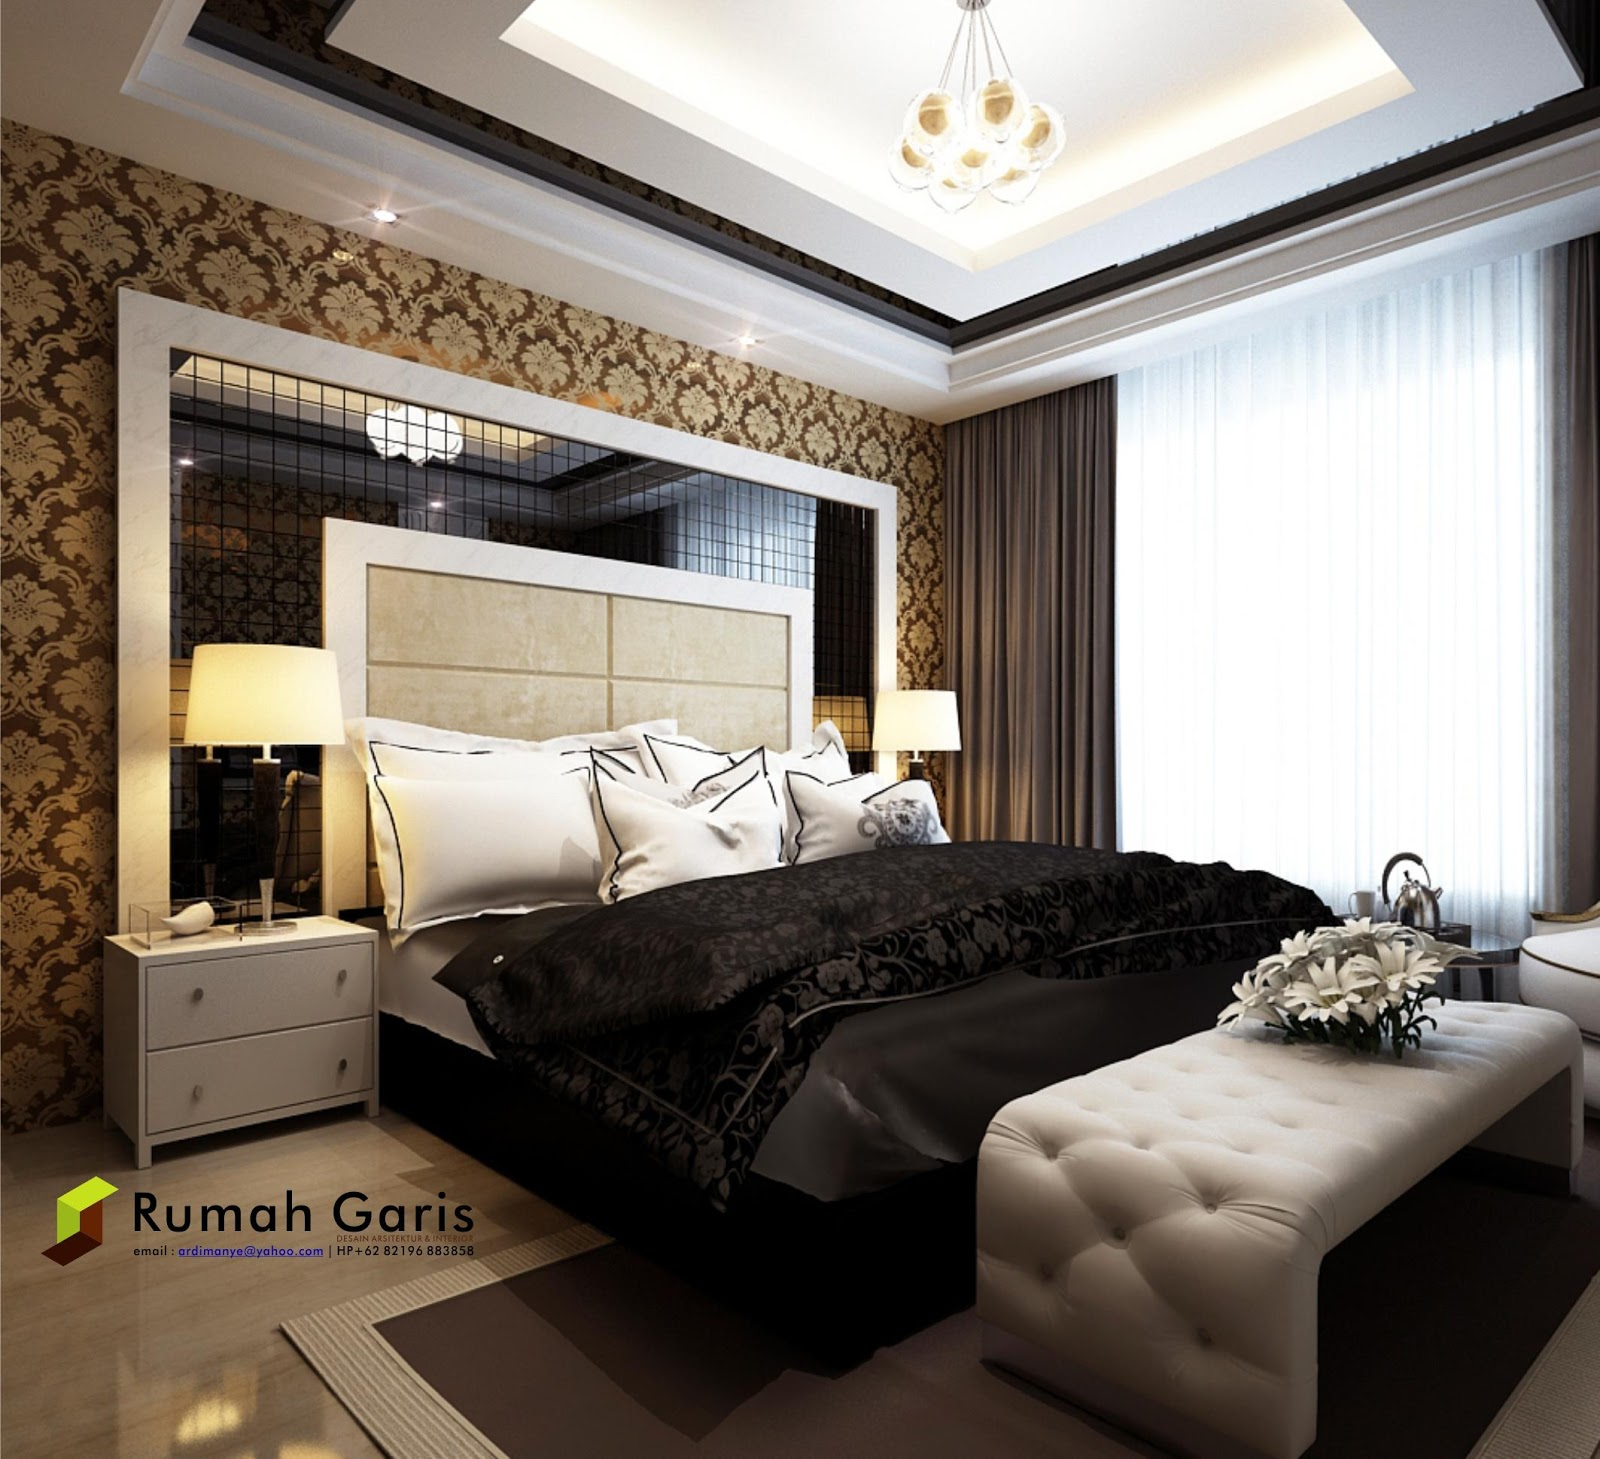 Kumpulan Desain Interior Kamar Tidur 3d Render By Rumah Garis Rumah Garis